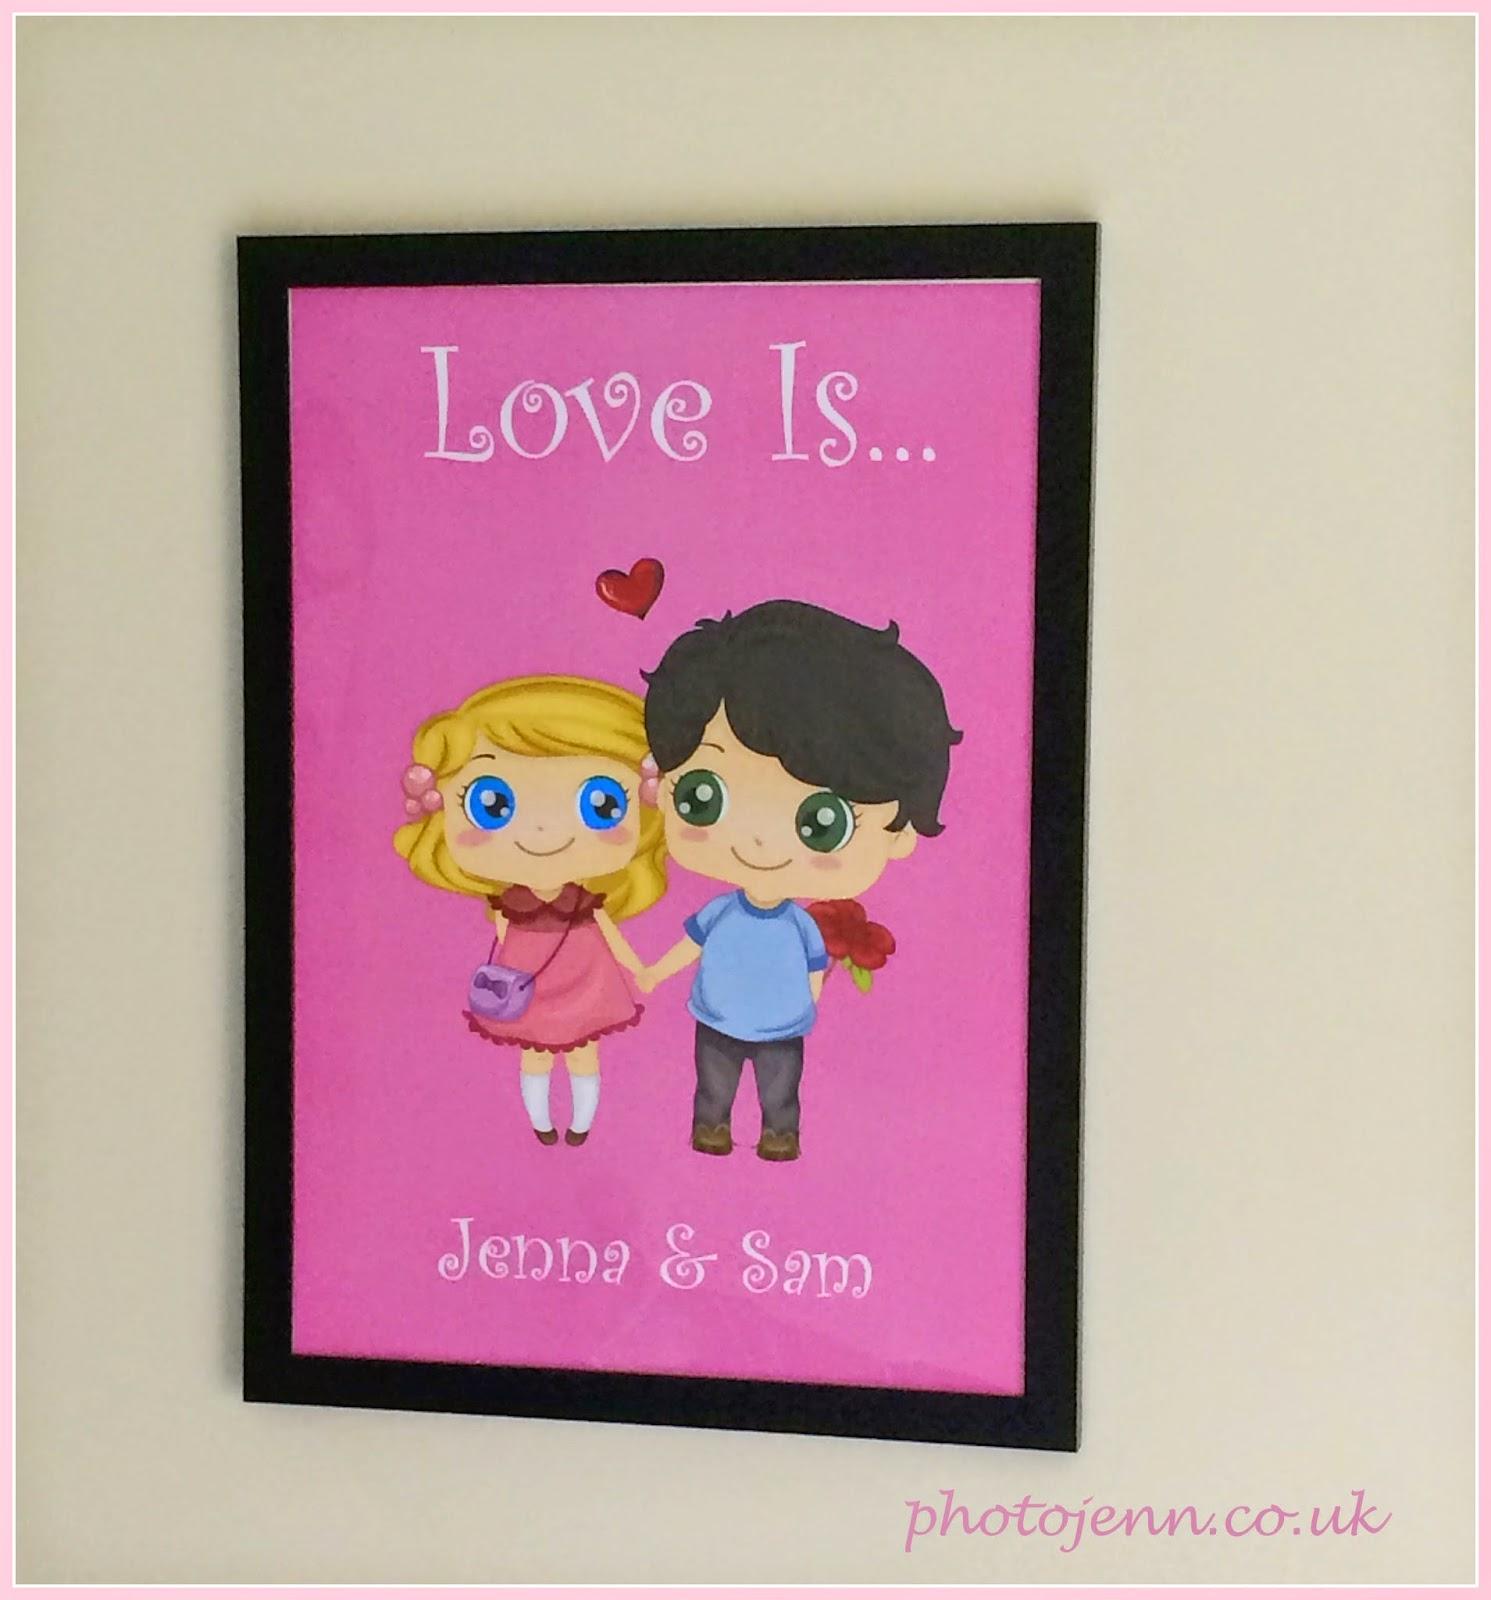 love-is-personalised-valentines-print